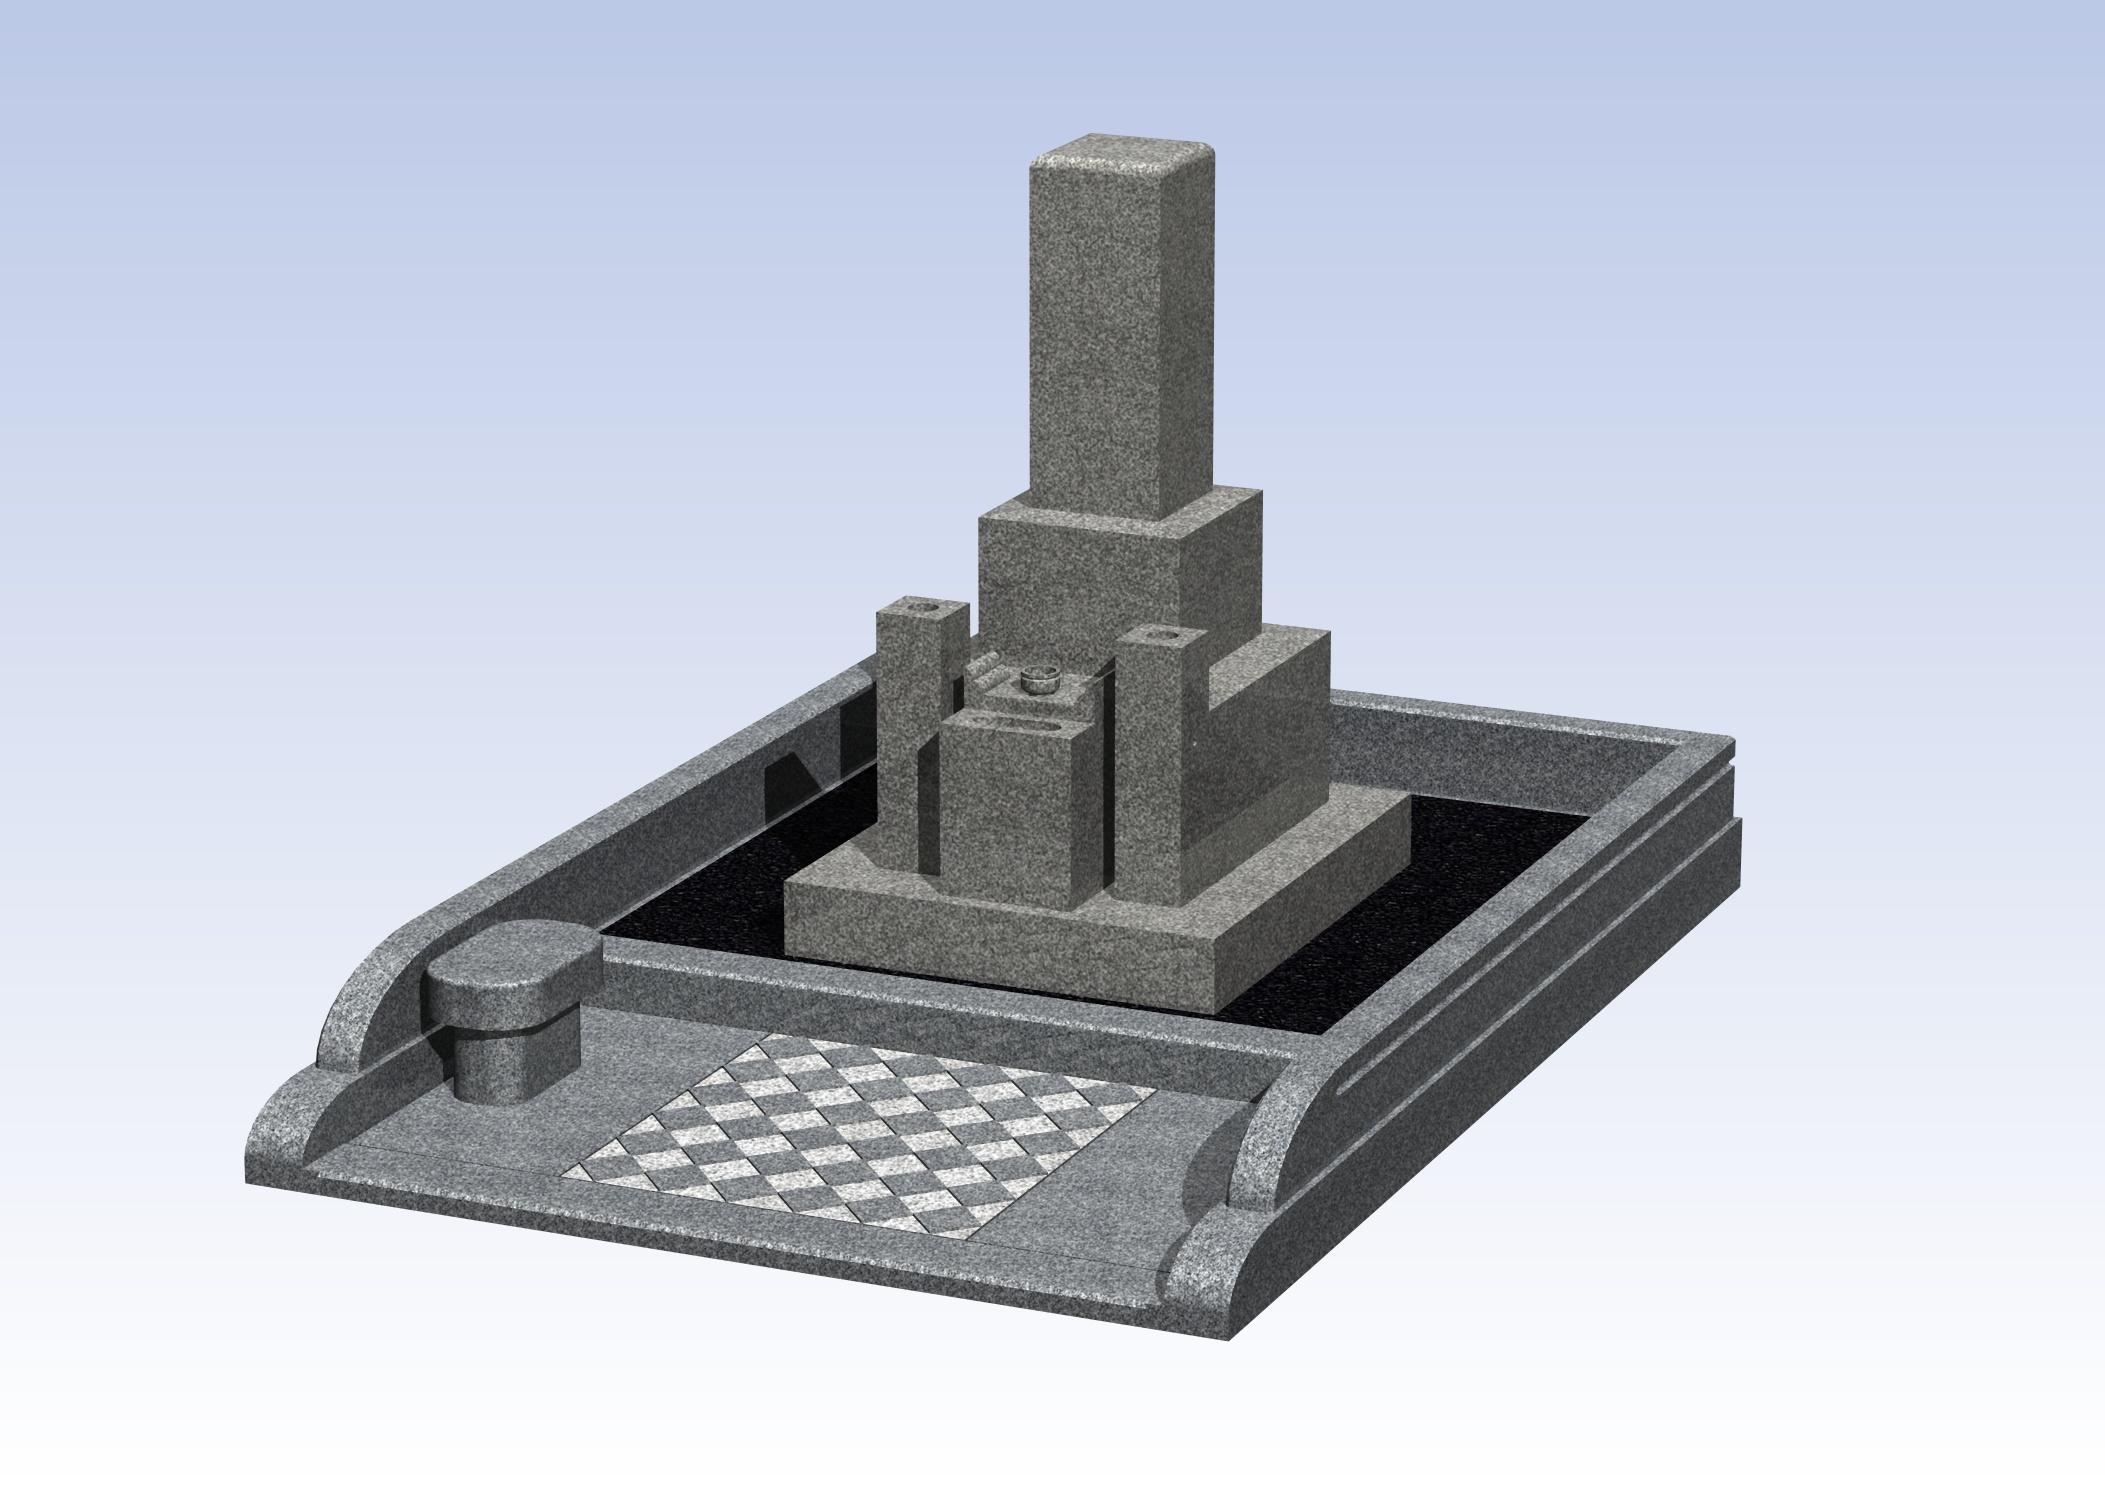 リフォーム5-4 堺市 家原寺墓地の詳細画像1